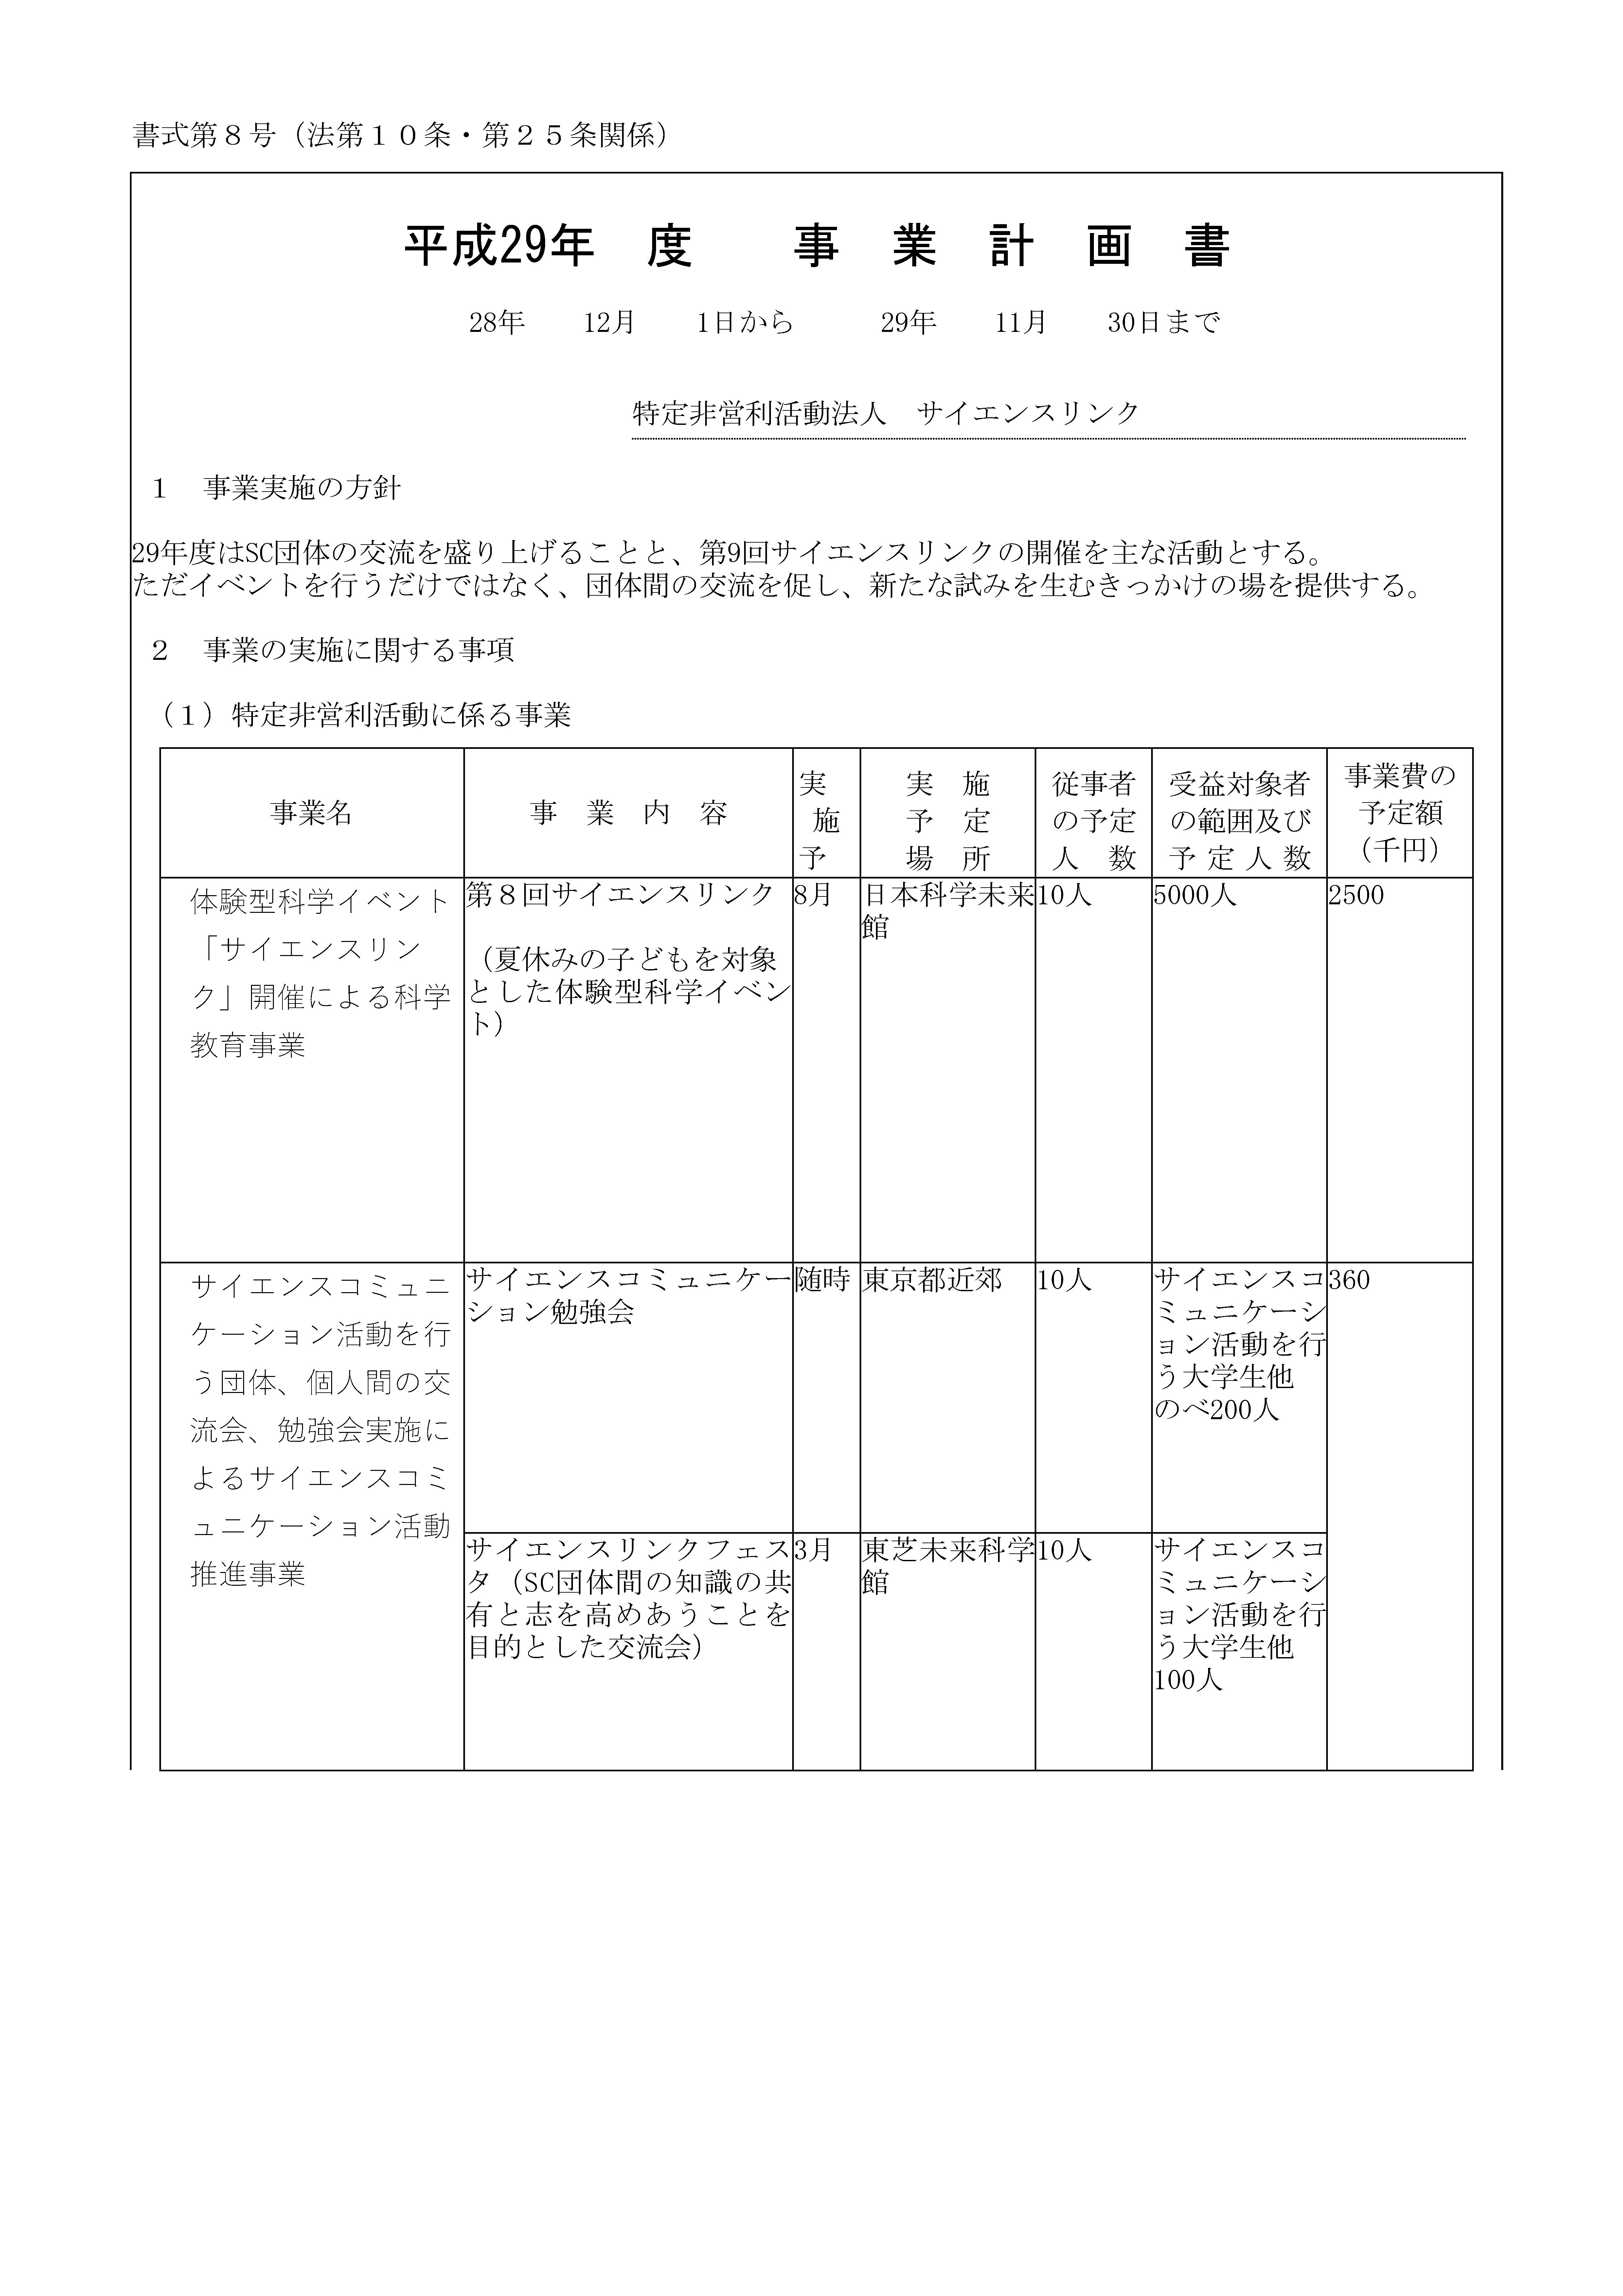 H29 事業計画書 (1)